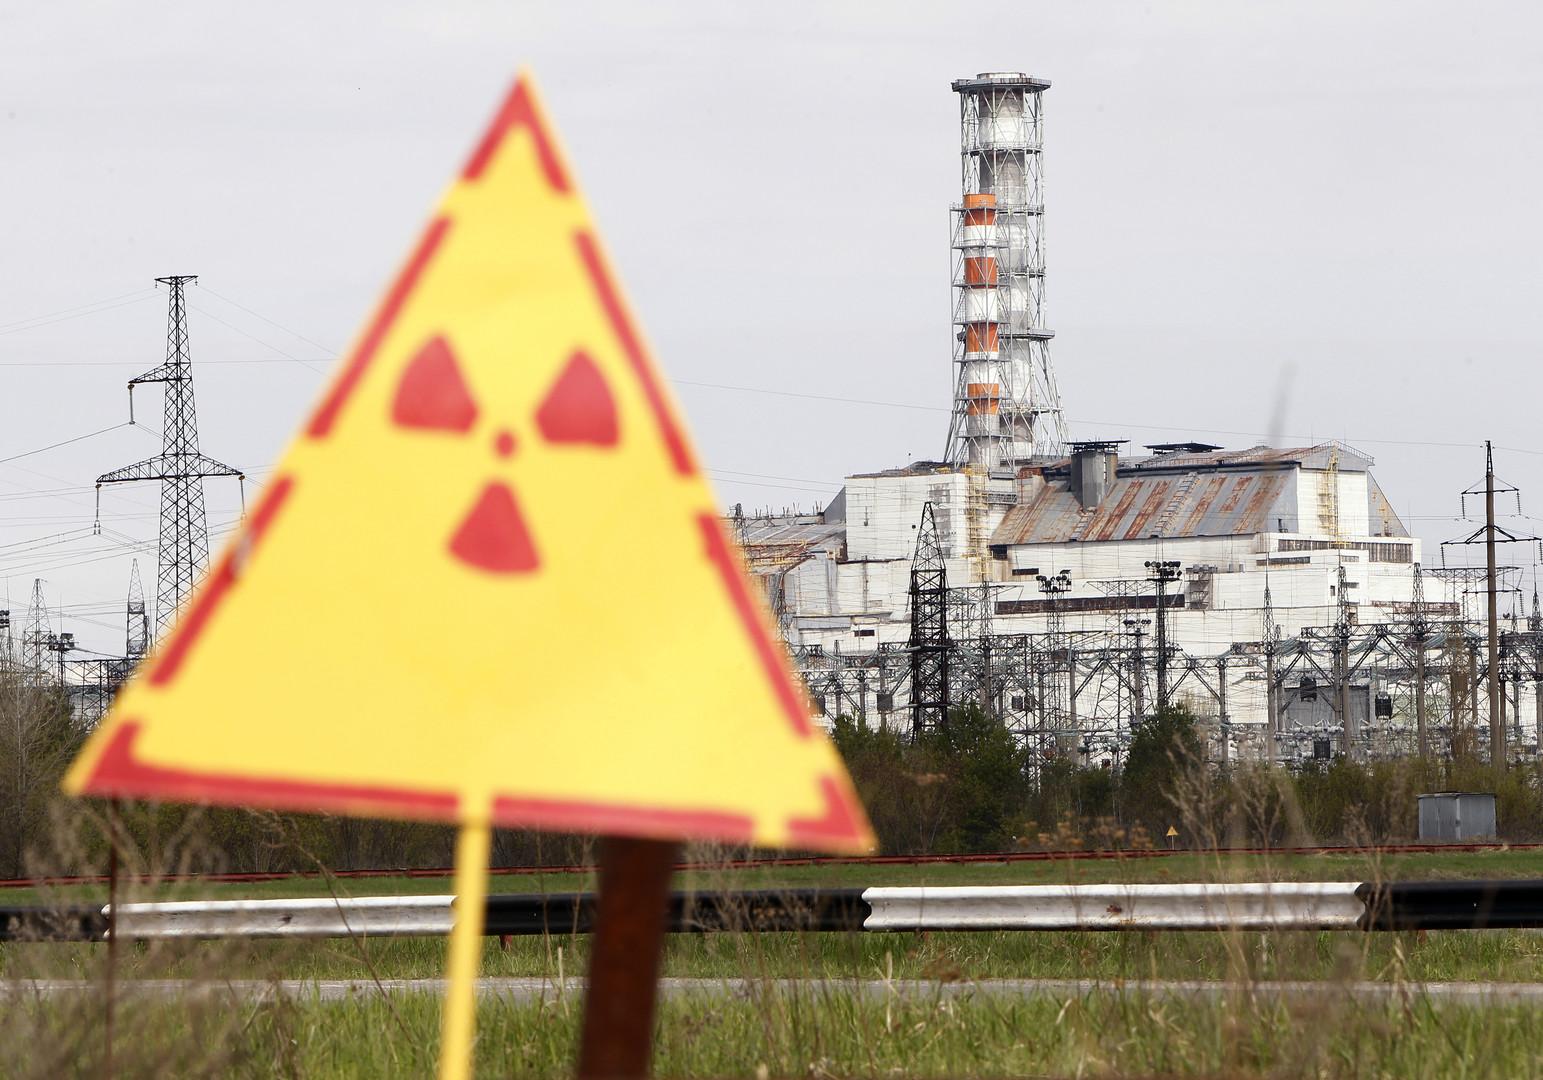 Près de 30 ans après l'explosion, les environs de Tchernobyl restent inaccessibles.